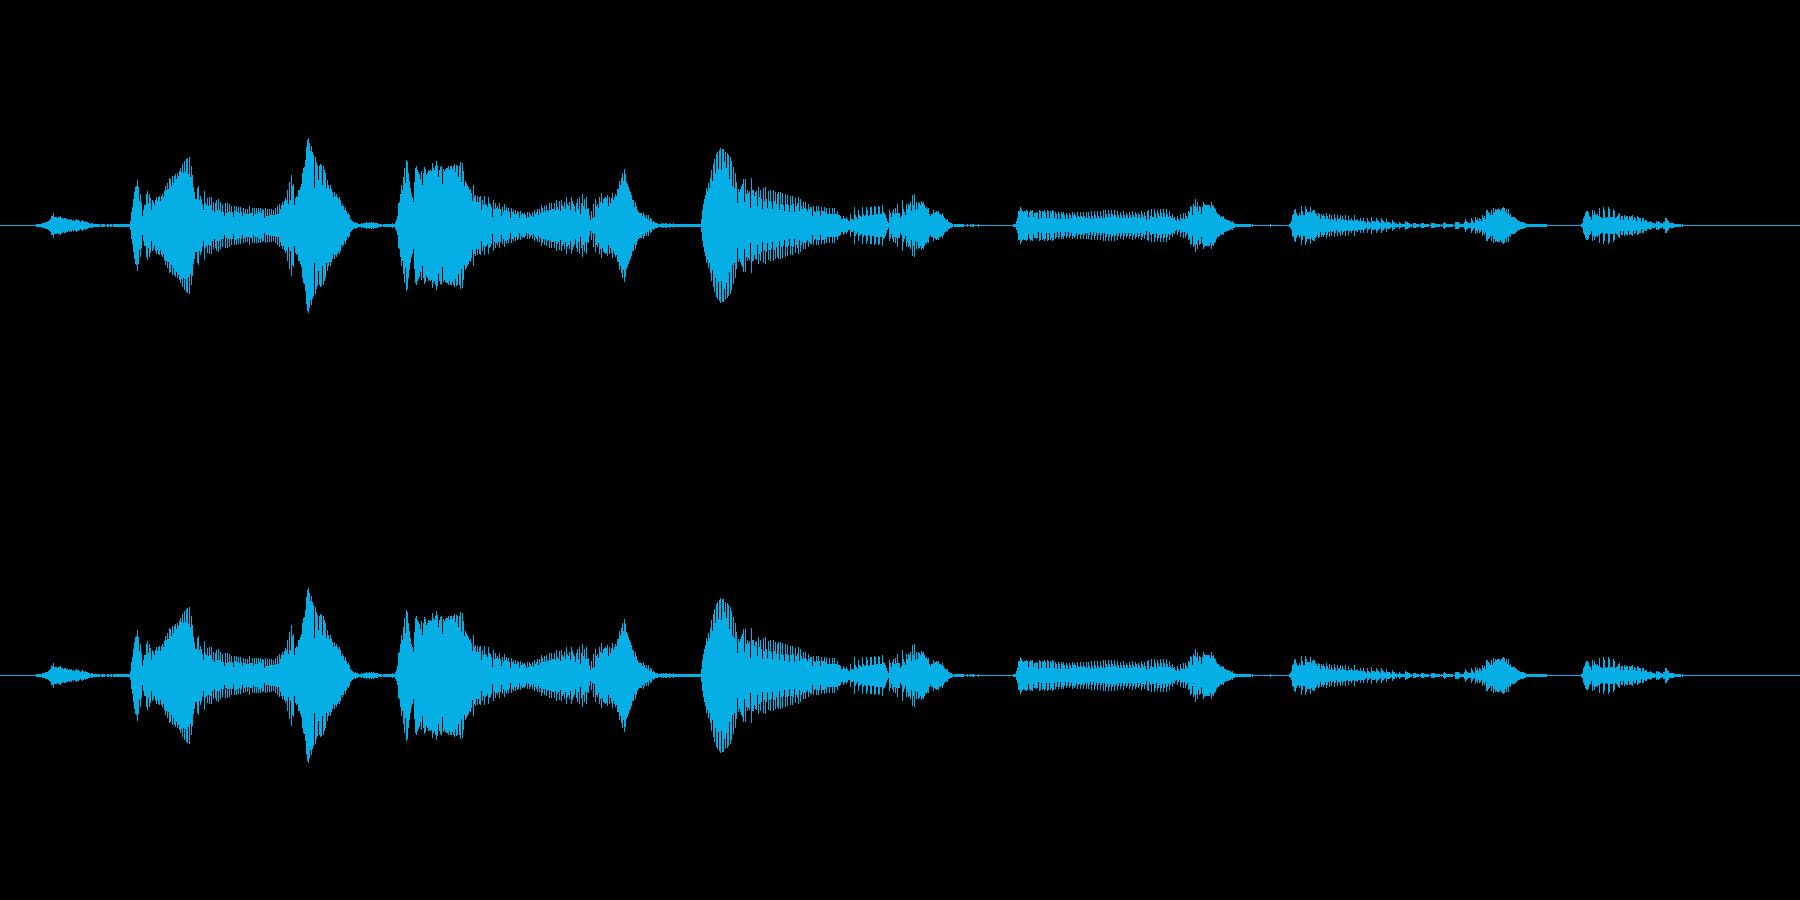 笑い声 - 4~5歳 女の子 - 30_の再生済みの波形